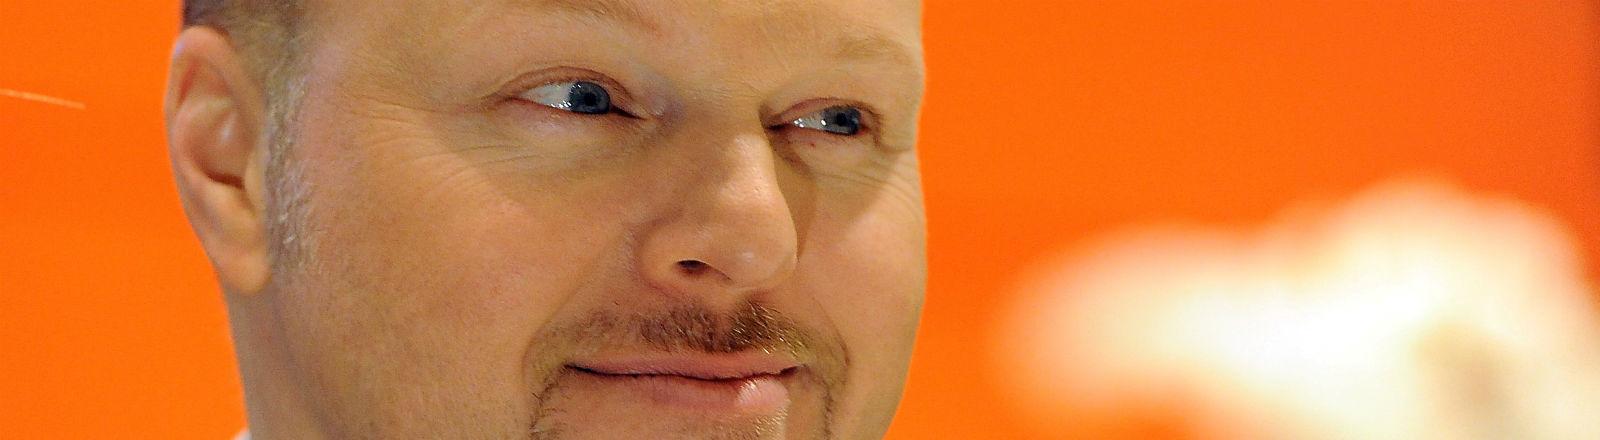 Stefan Raab zieht eine Augenbraue hoch. Bild: dpa